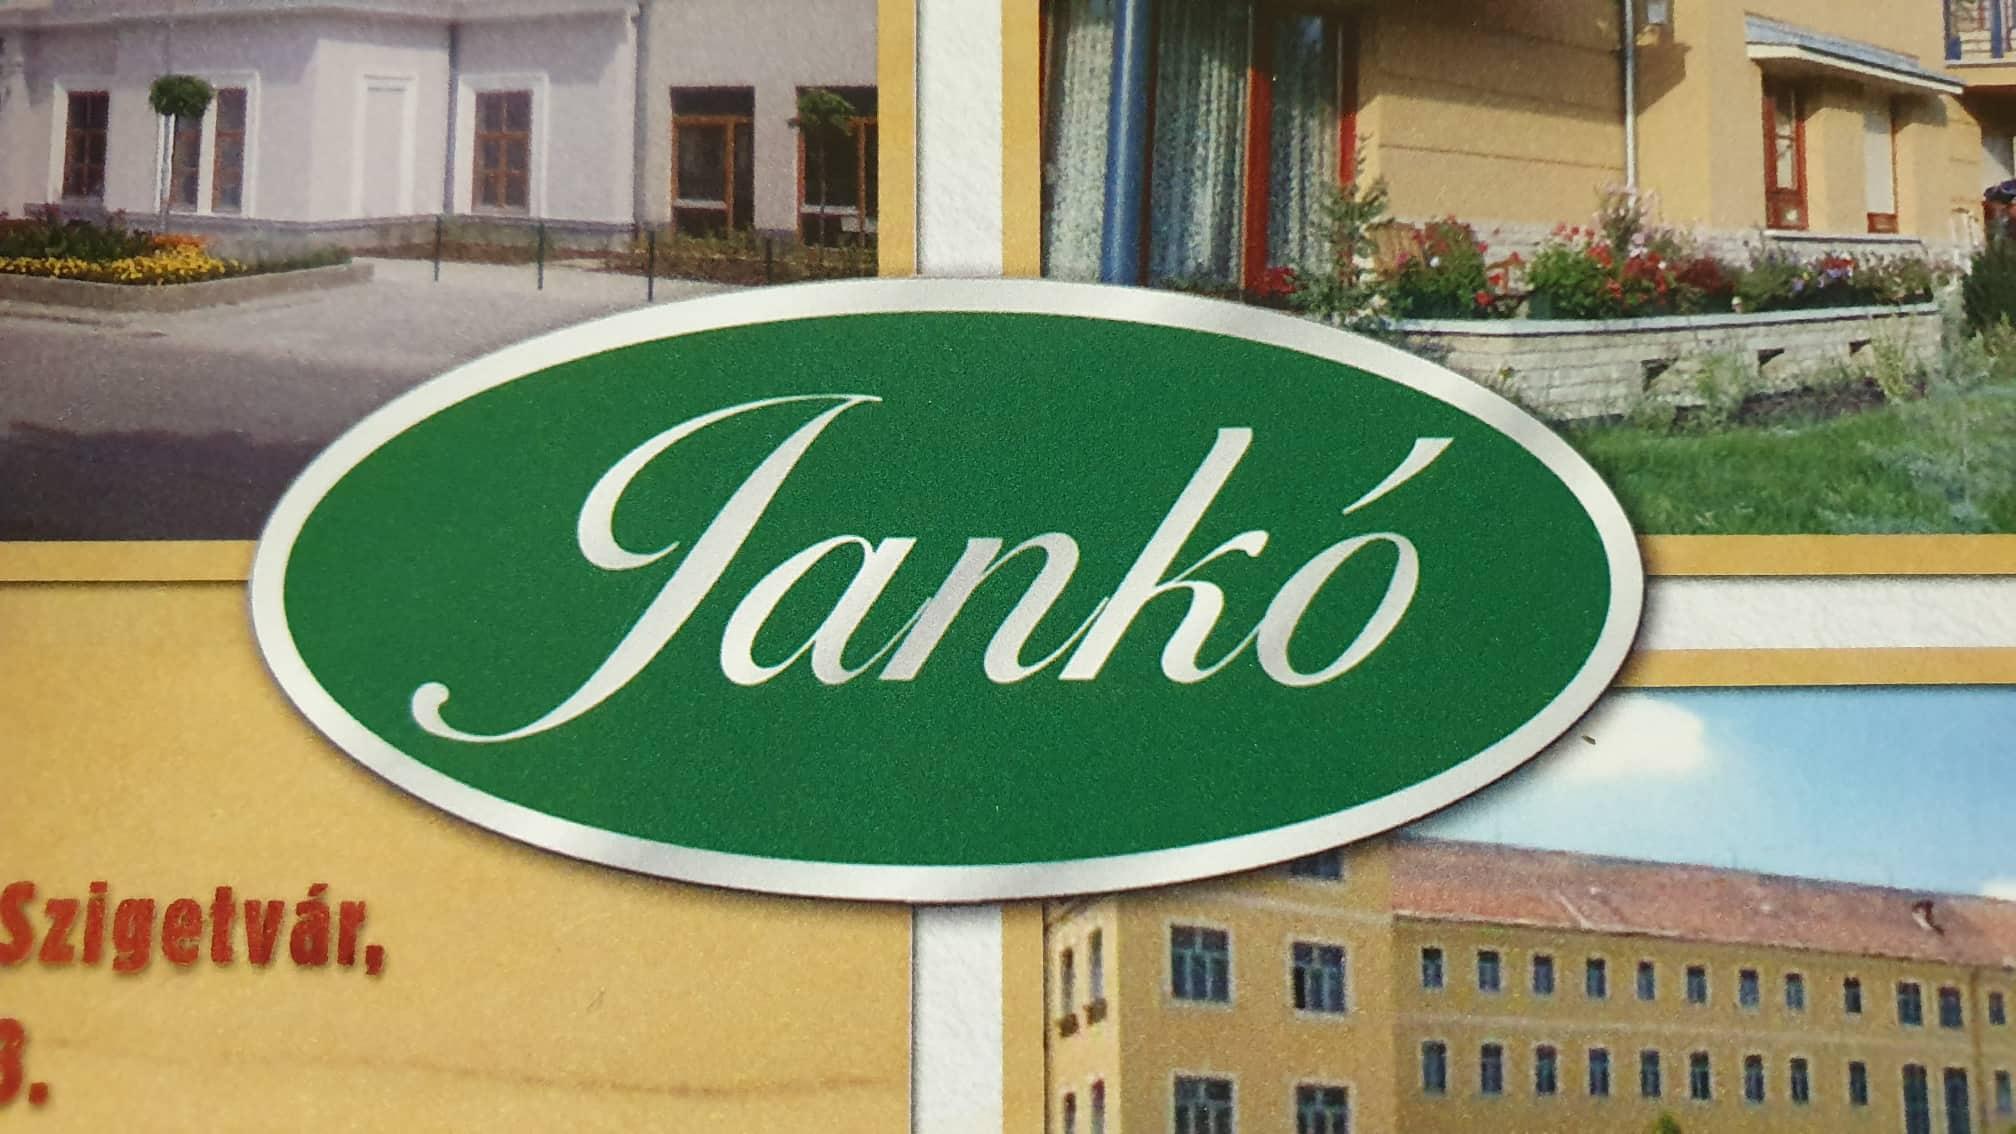 janko ablak_logo hir (2).jpg